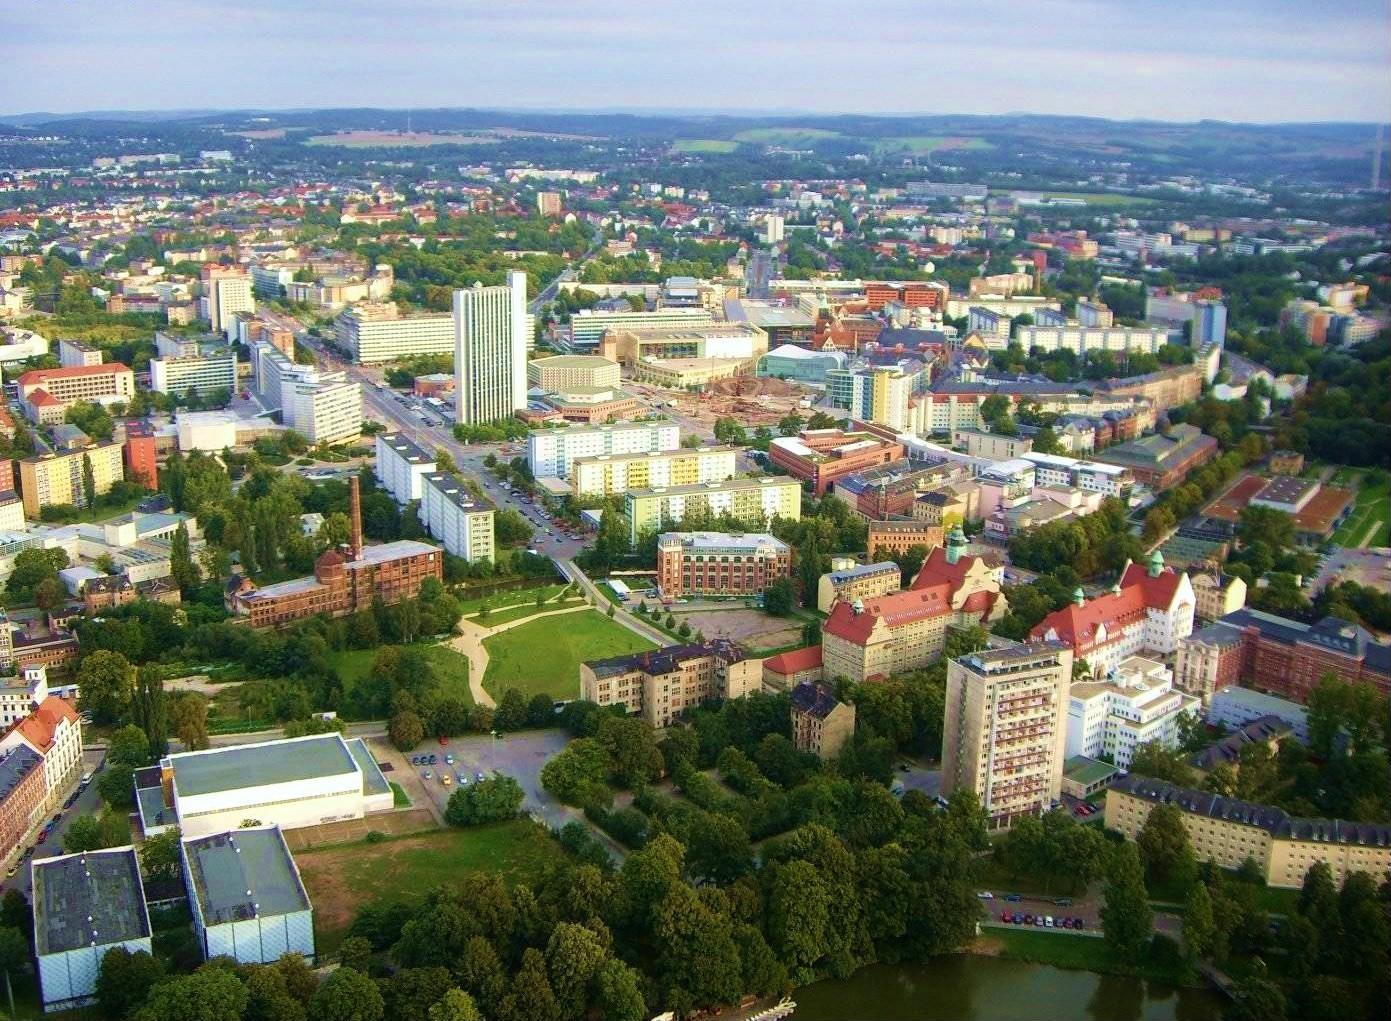 Esperienza a Chemnitz, Germania, di Sebastian